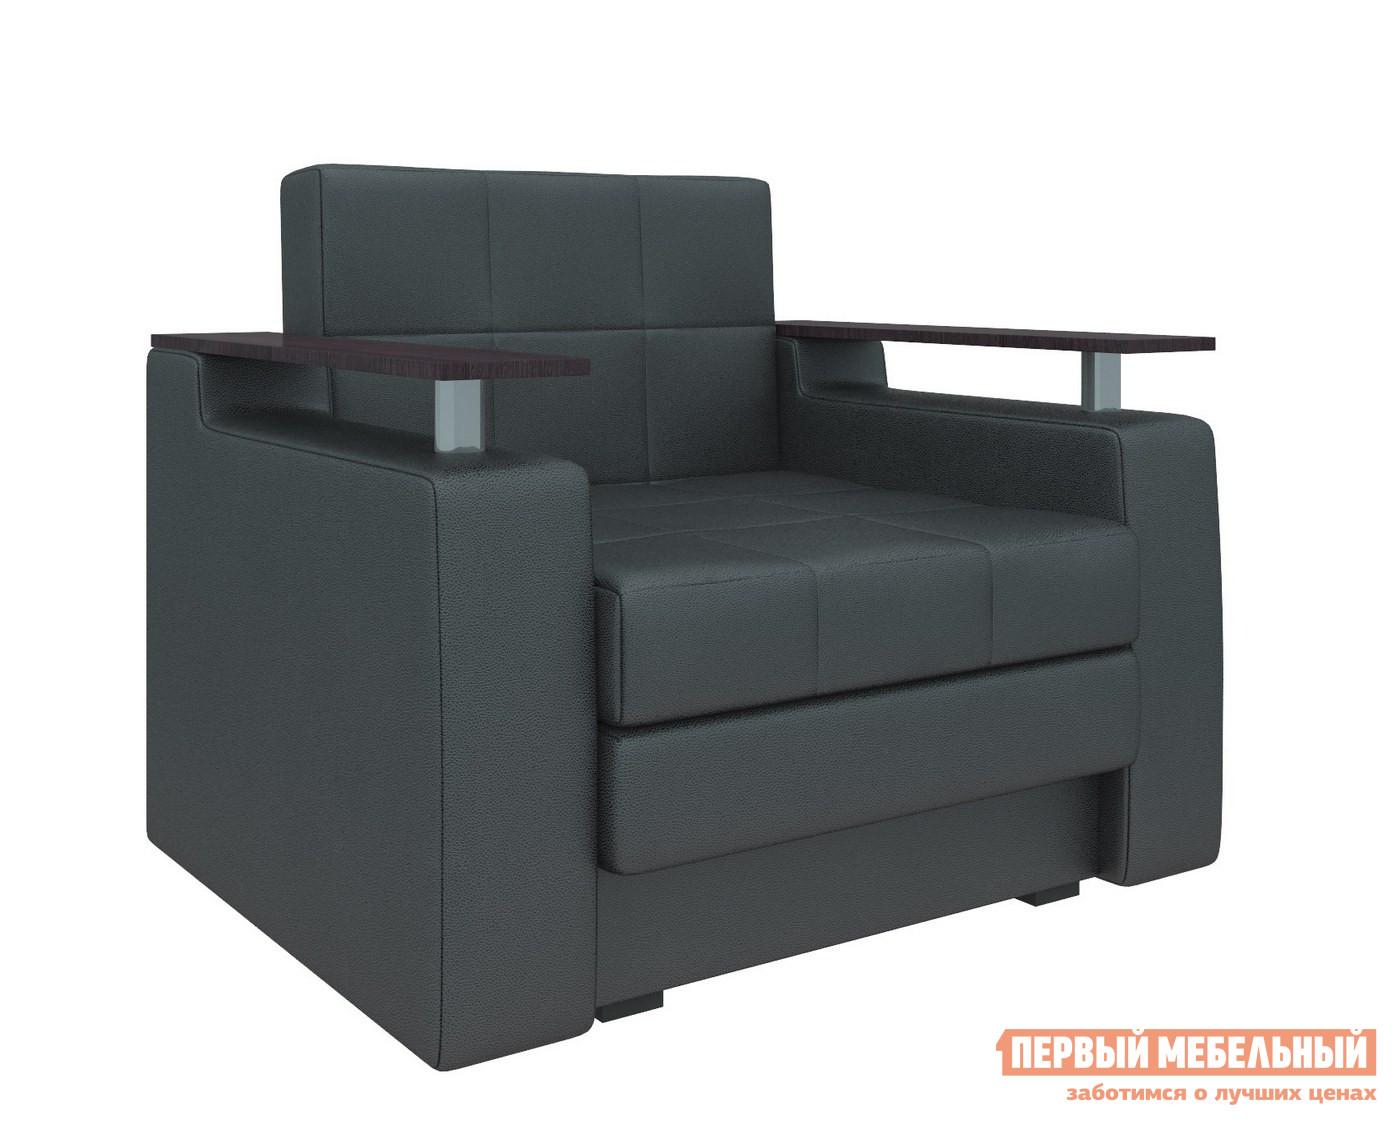 Кресло Мебелико Кресло-кровать Комфорт Экокожа черная